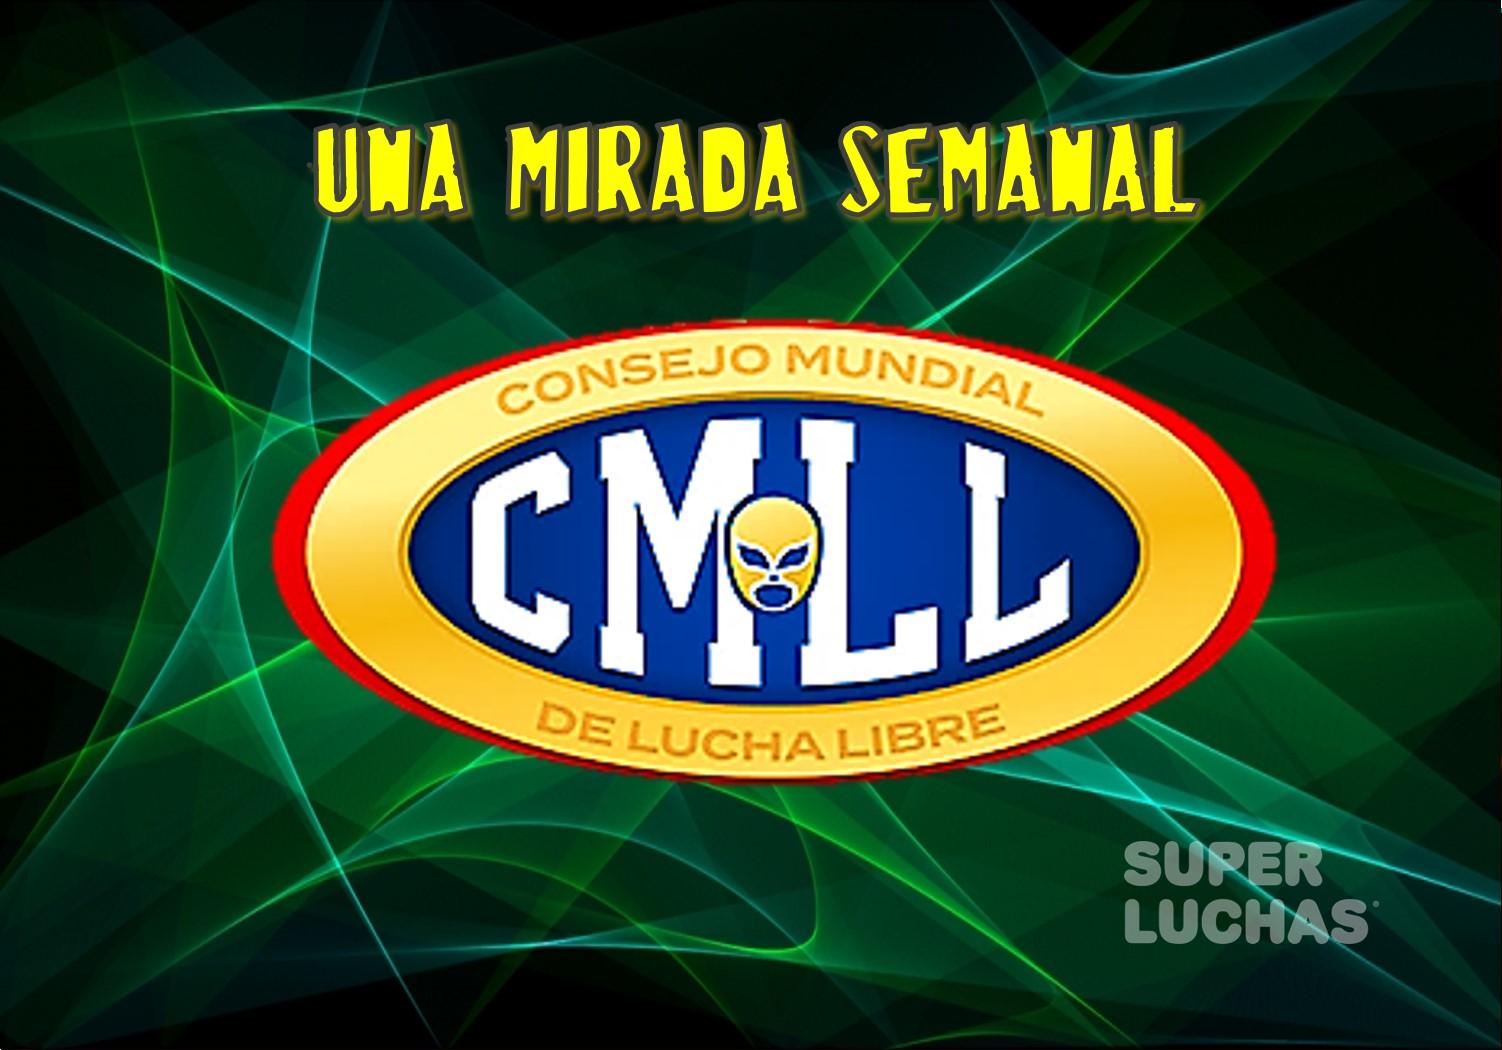 Una mirada semanal al CMLL (del 29 ago al 04 sep de 2019) 13